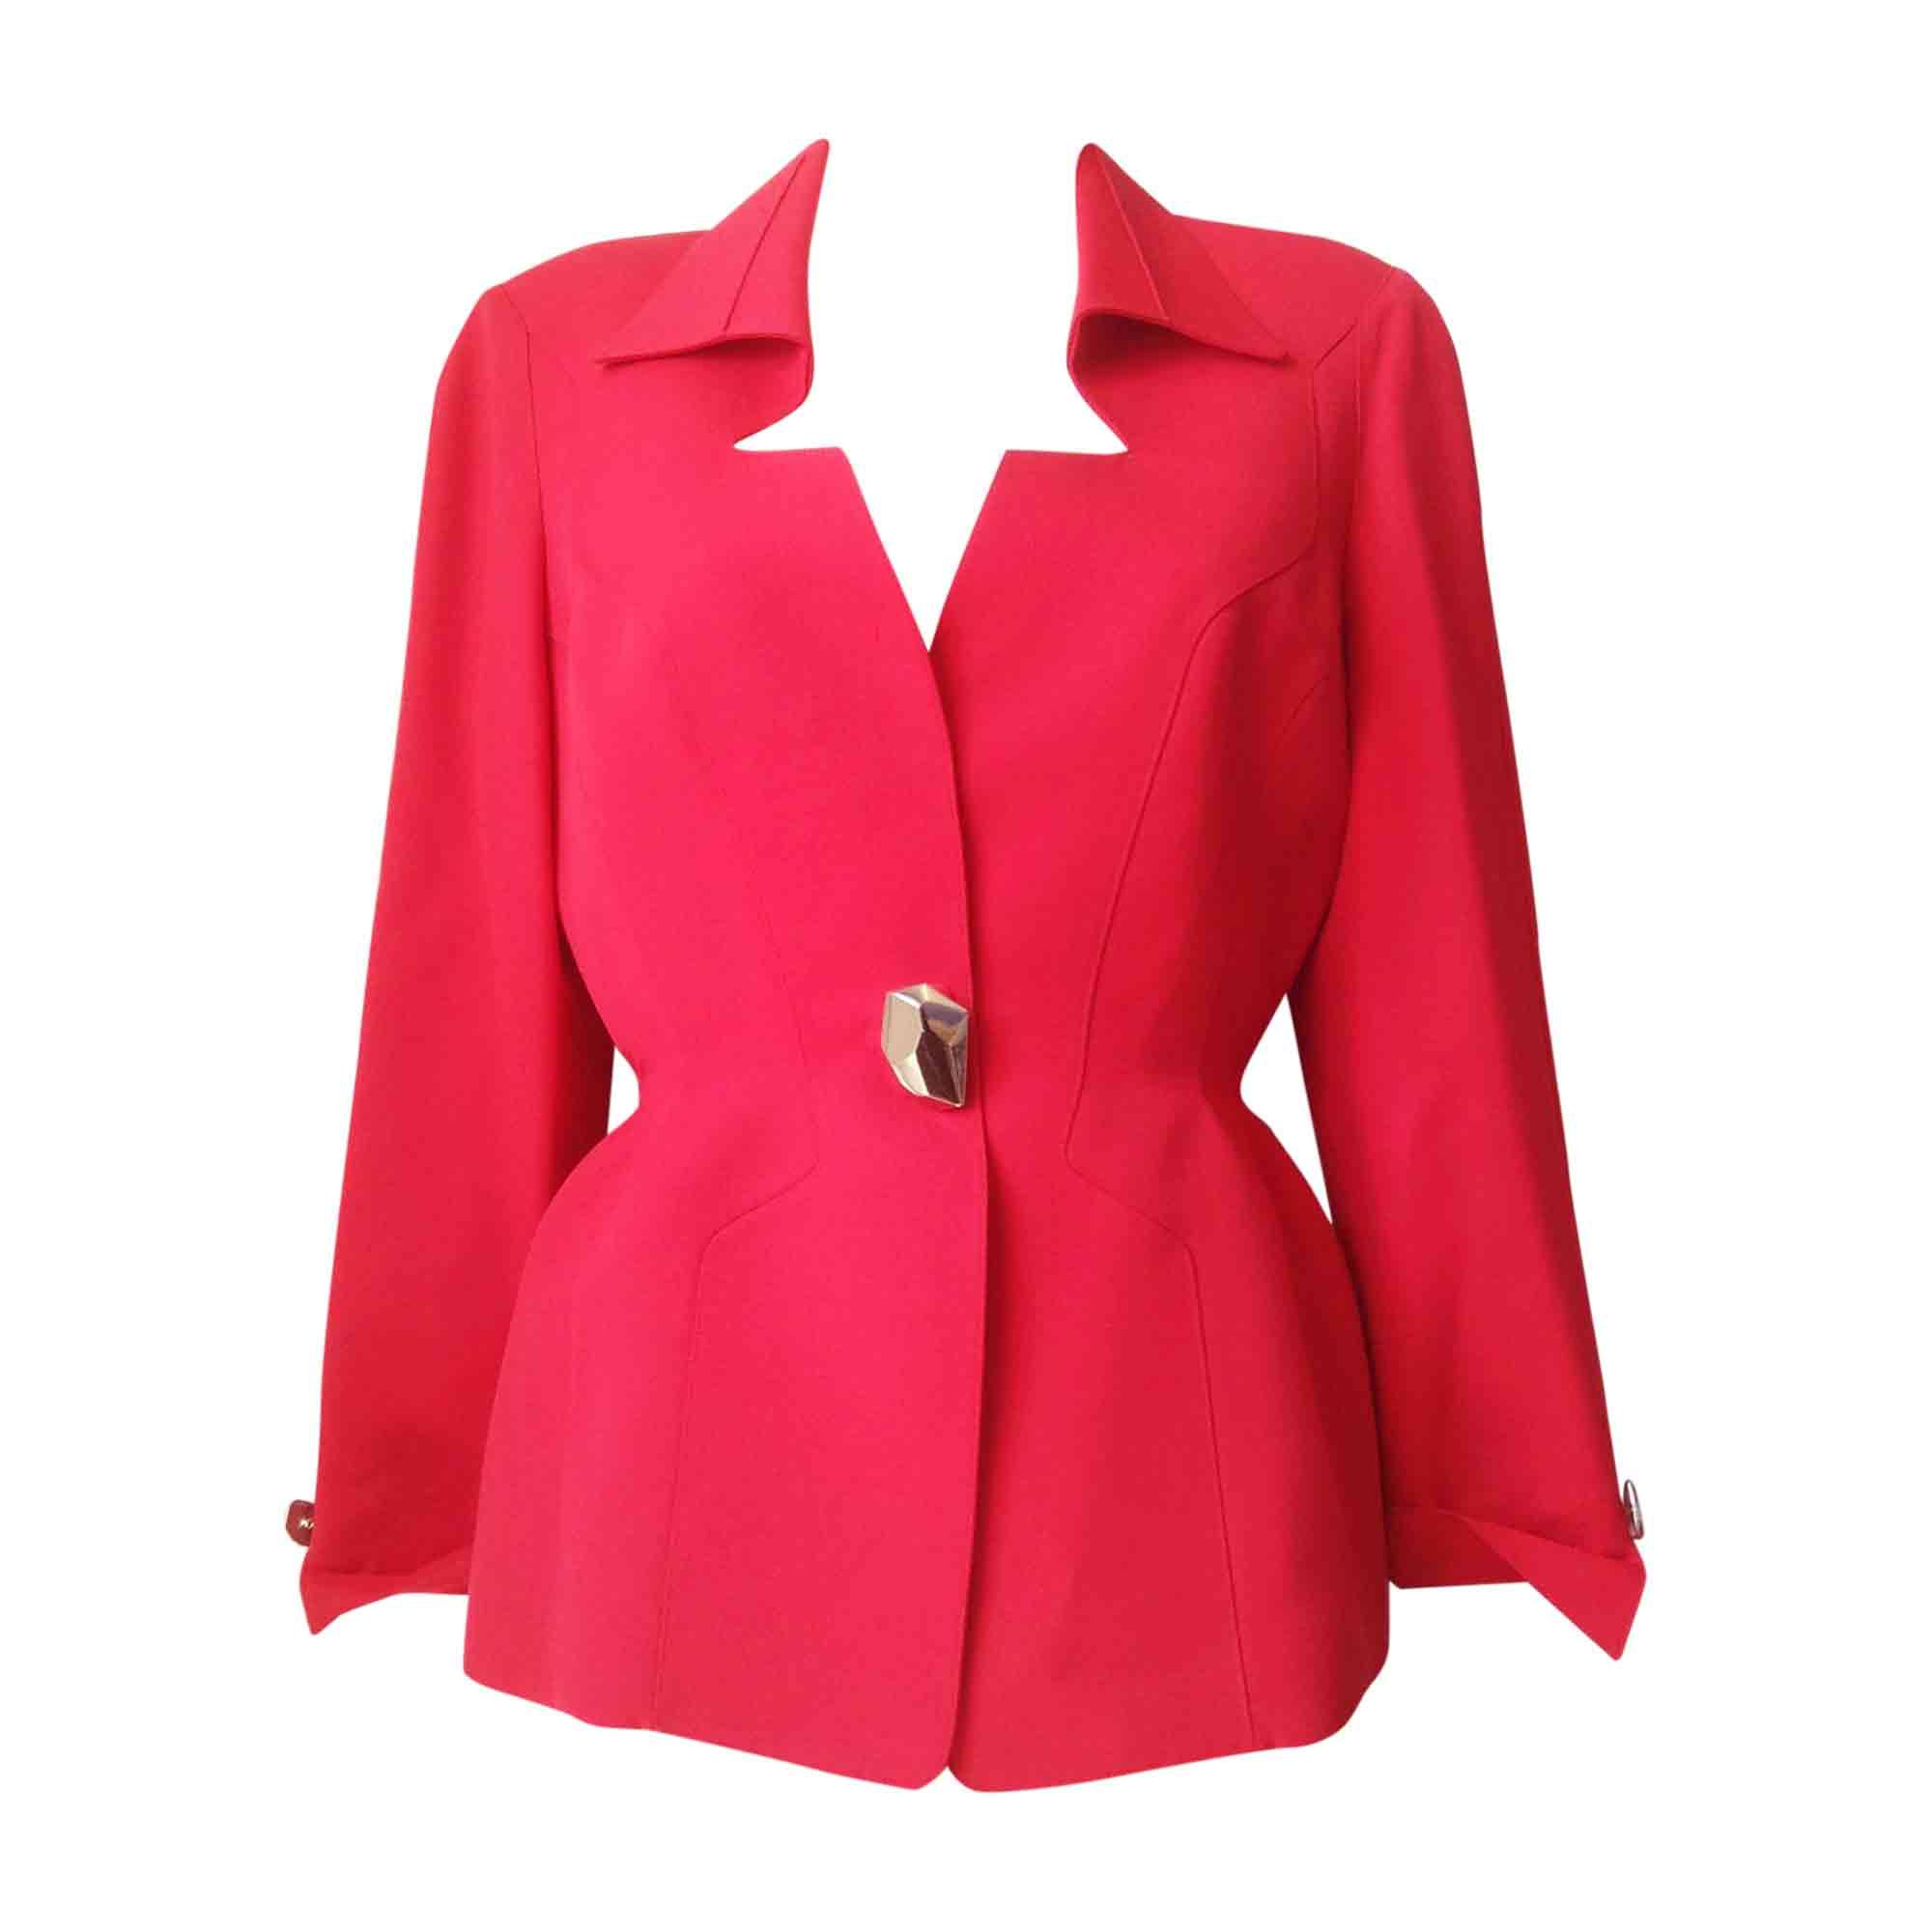 a4d1cd483fe6 Blazer, veste tailleur THIERRY MUGLER 40 (L, T3) rouge - 6092481